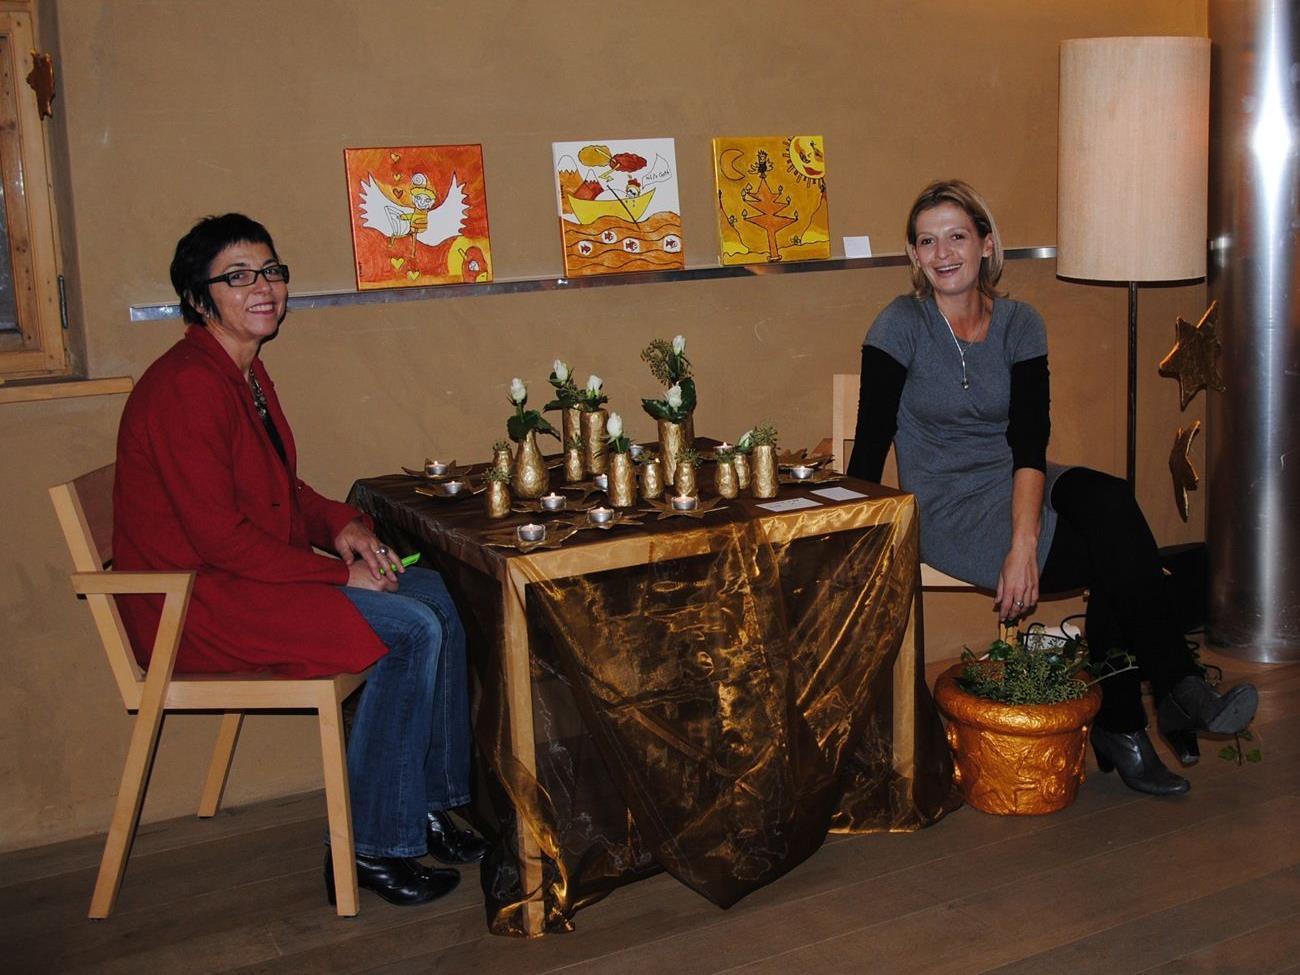 Projektleiterin Birgit Gächter (links) mit Daniela Natter, Leiterin der Werkstätte Dornbirn Bildgasse.